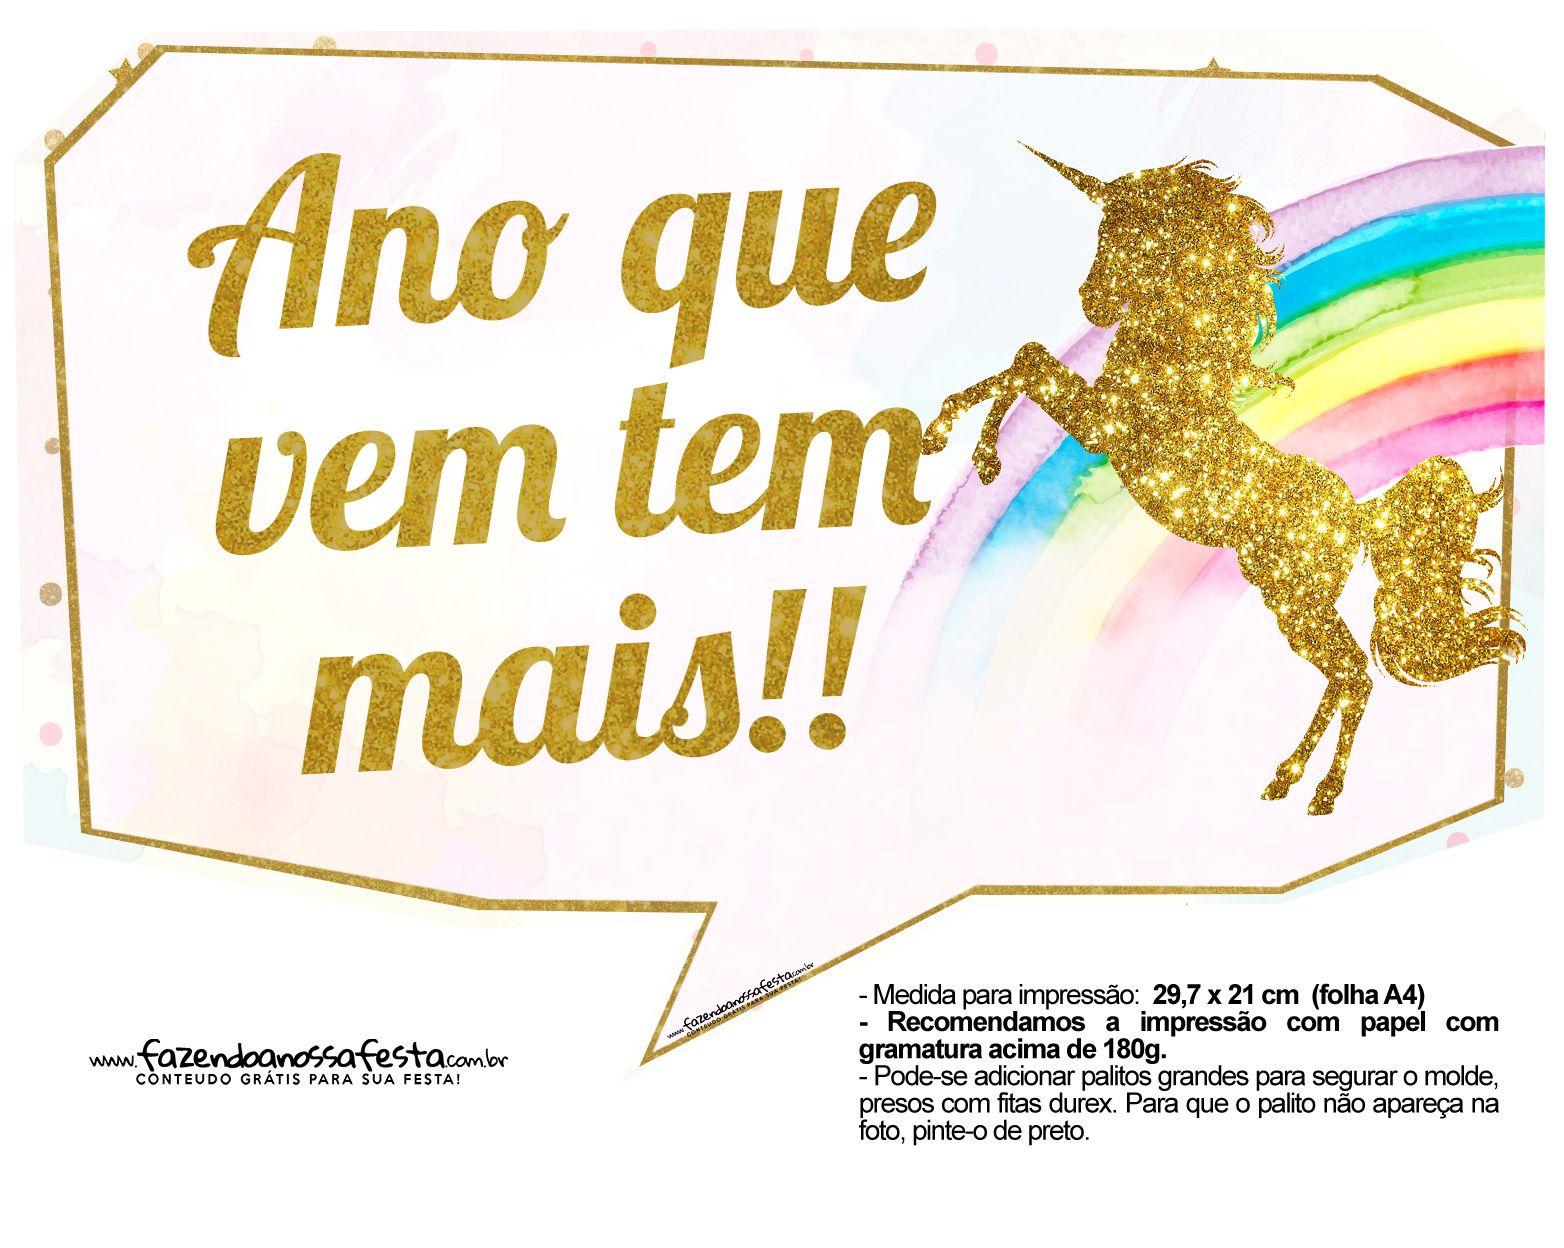 Plaquinhas Divertidas Unicornio 21 Festa Unicornio Plaquinhas